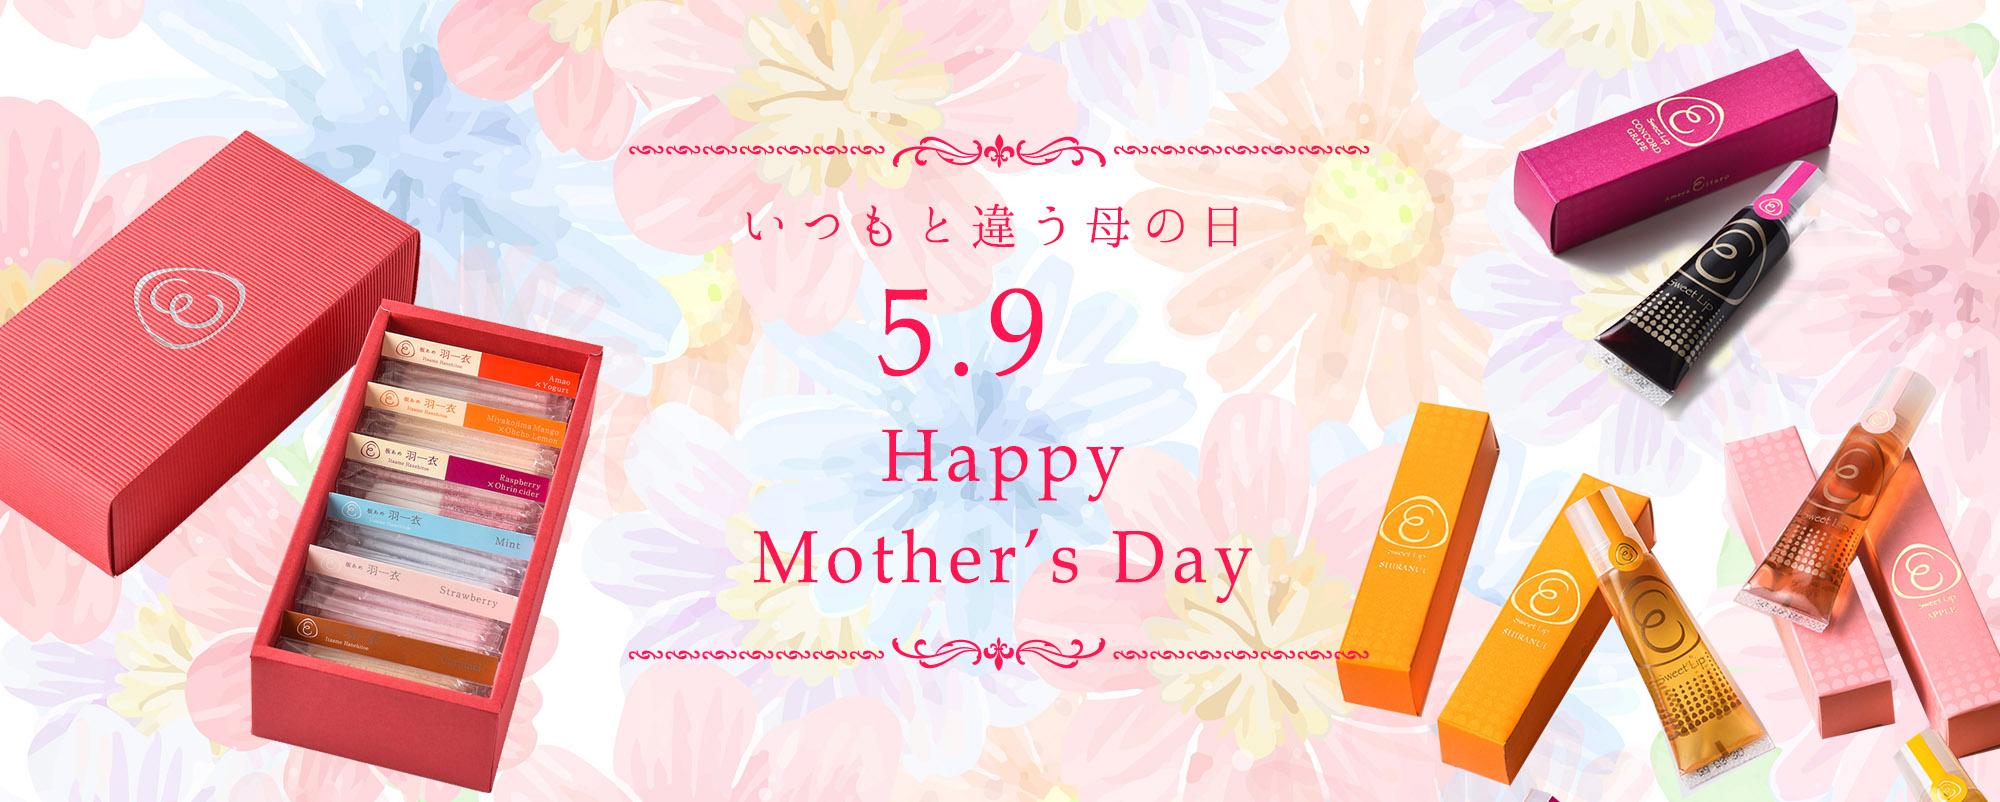 いつもと違う母の日 2021年5月9日 Happy Mother's Day